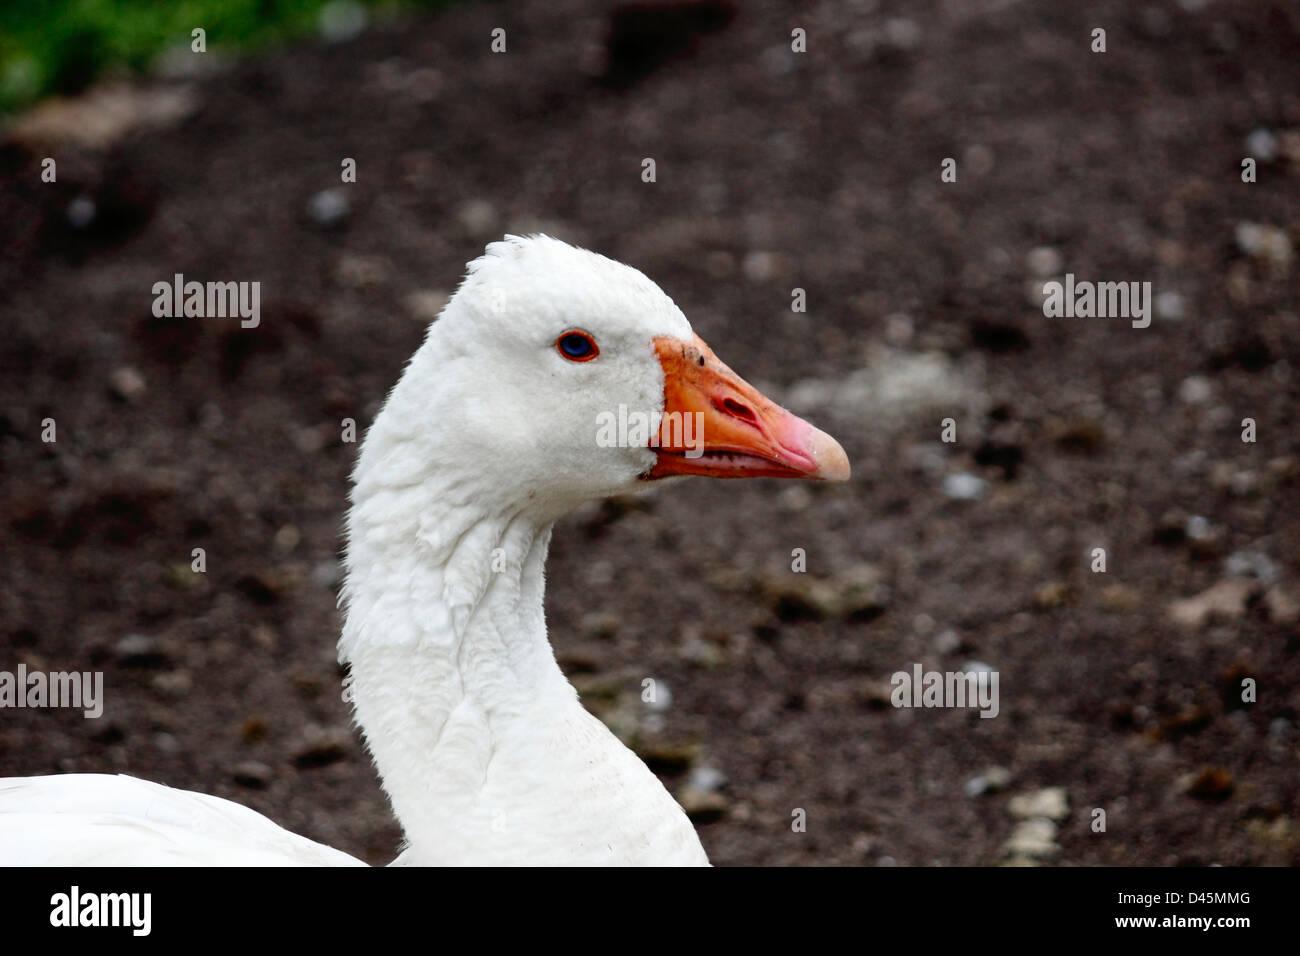 White duck profile. - Stock Image